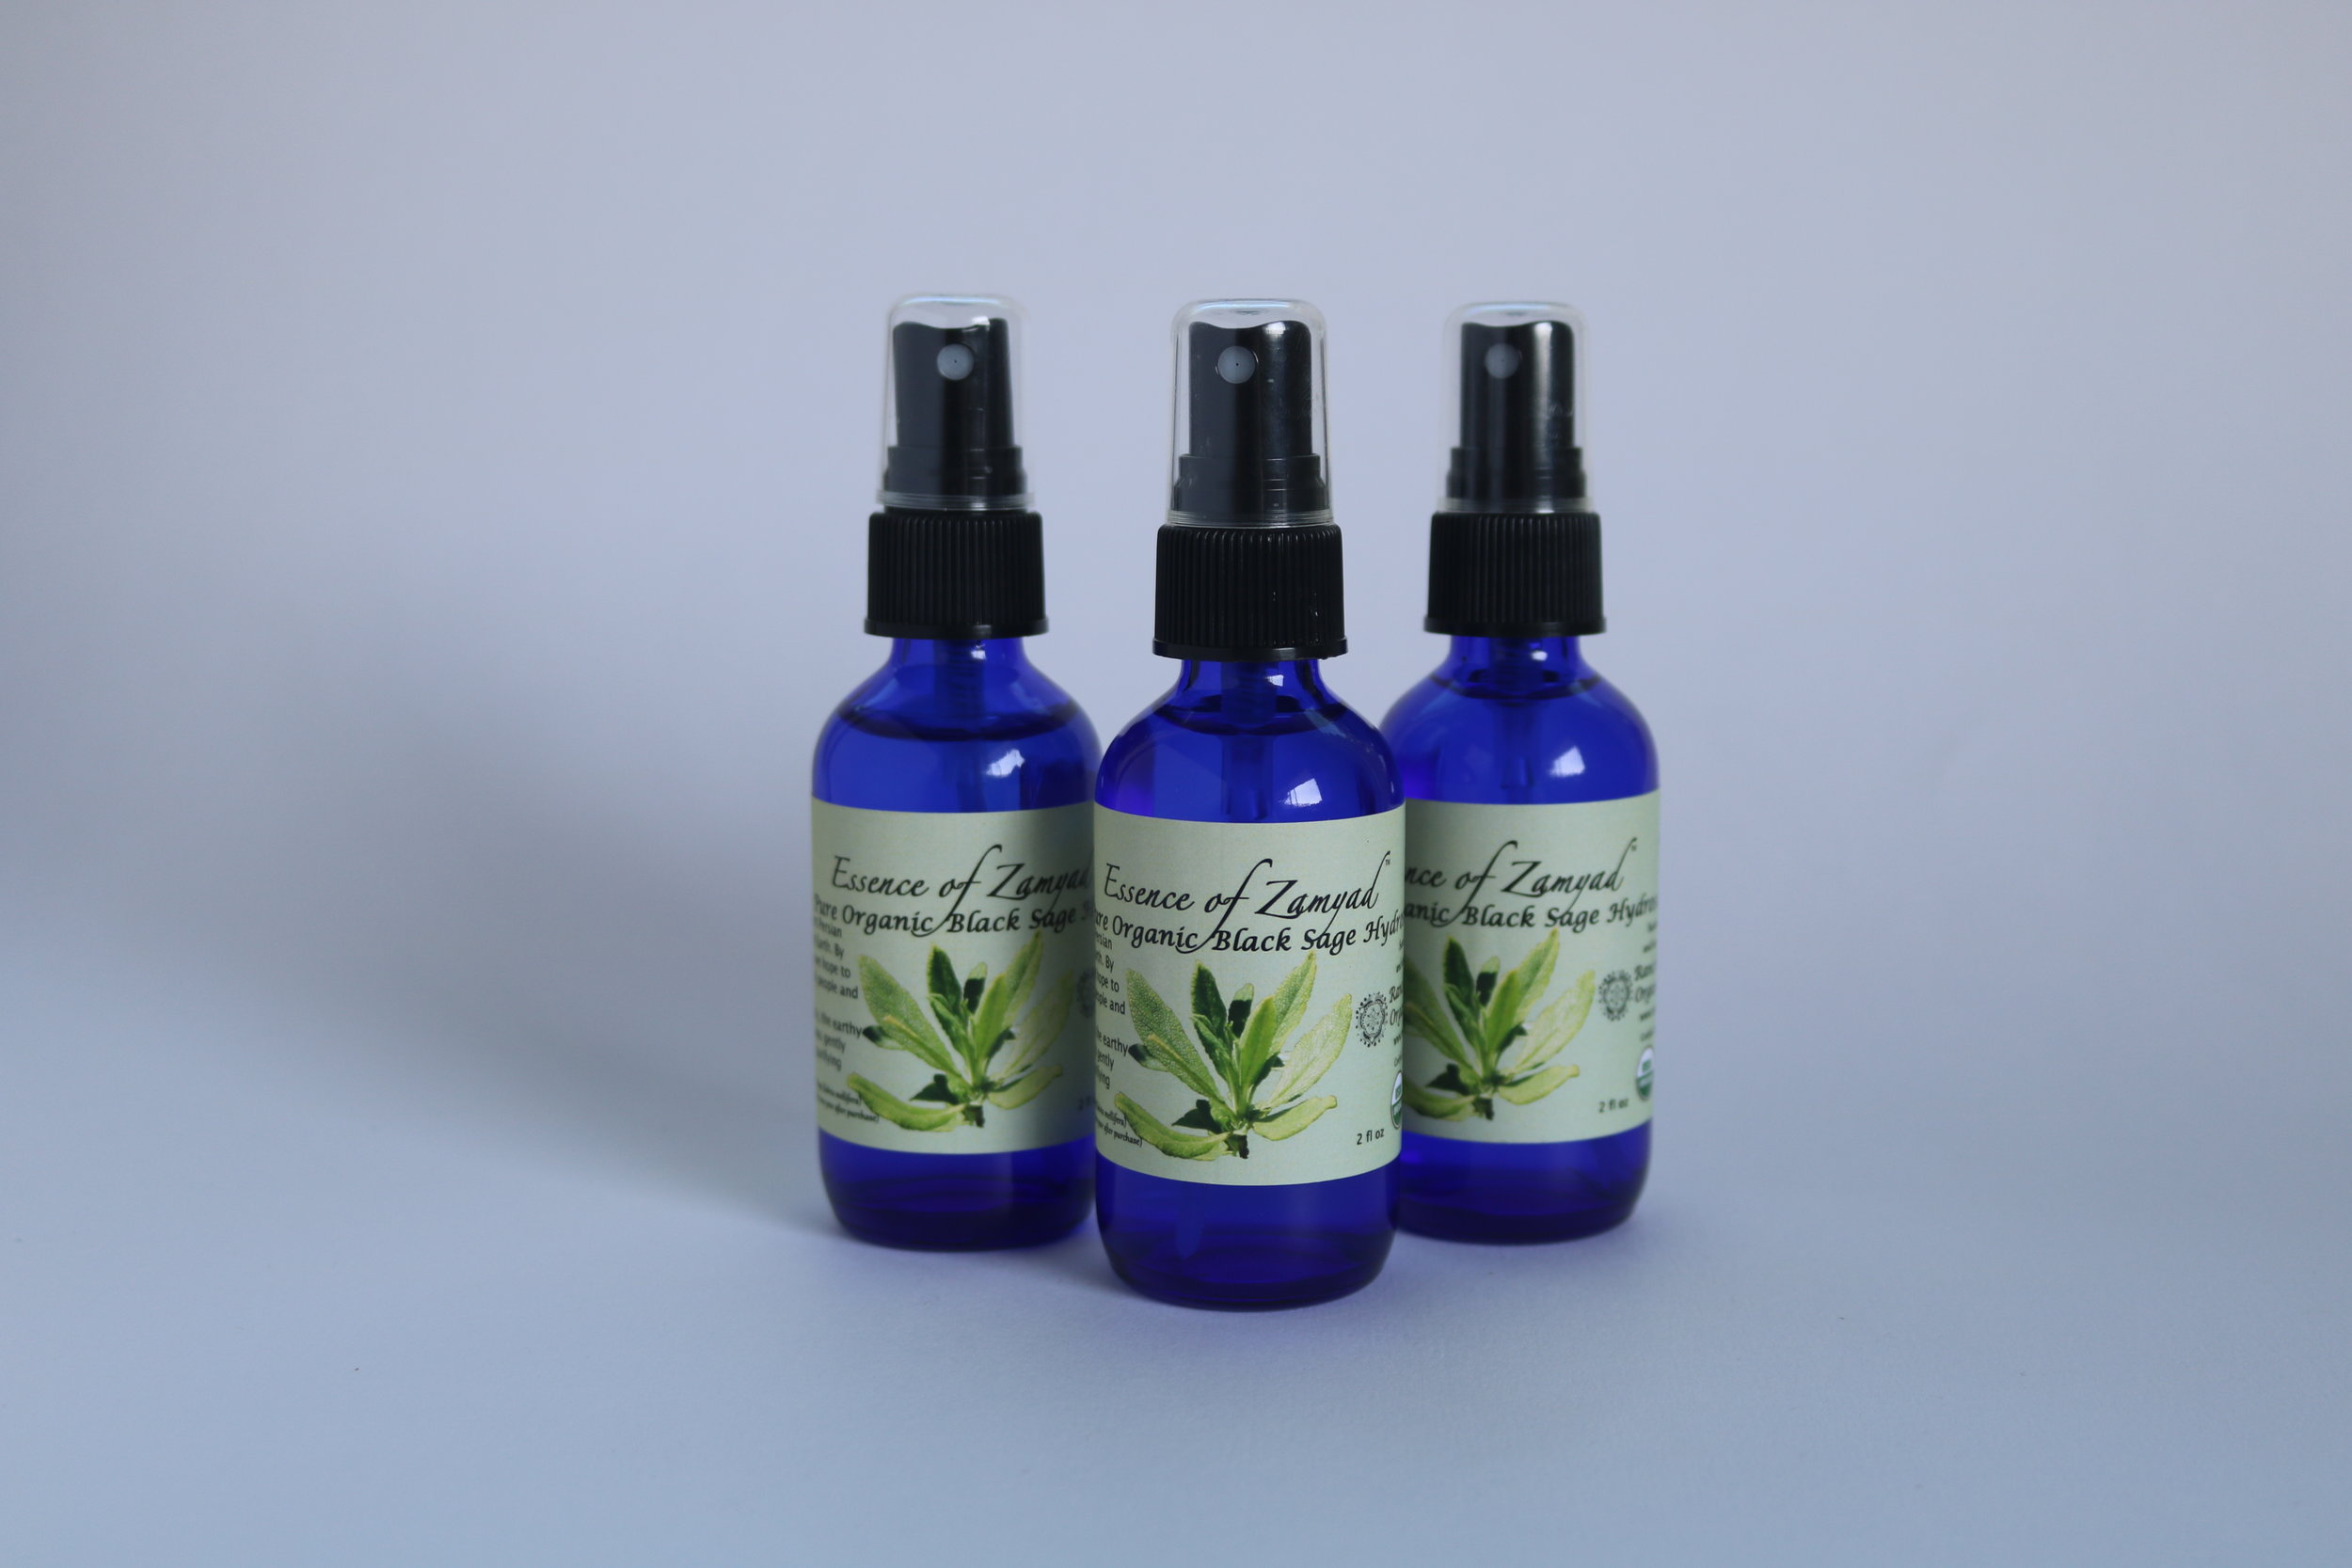 Pure Organic Black Sage Hydrosol